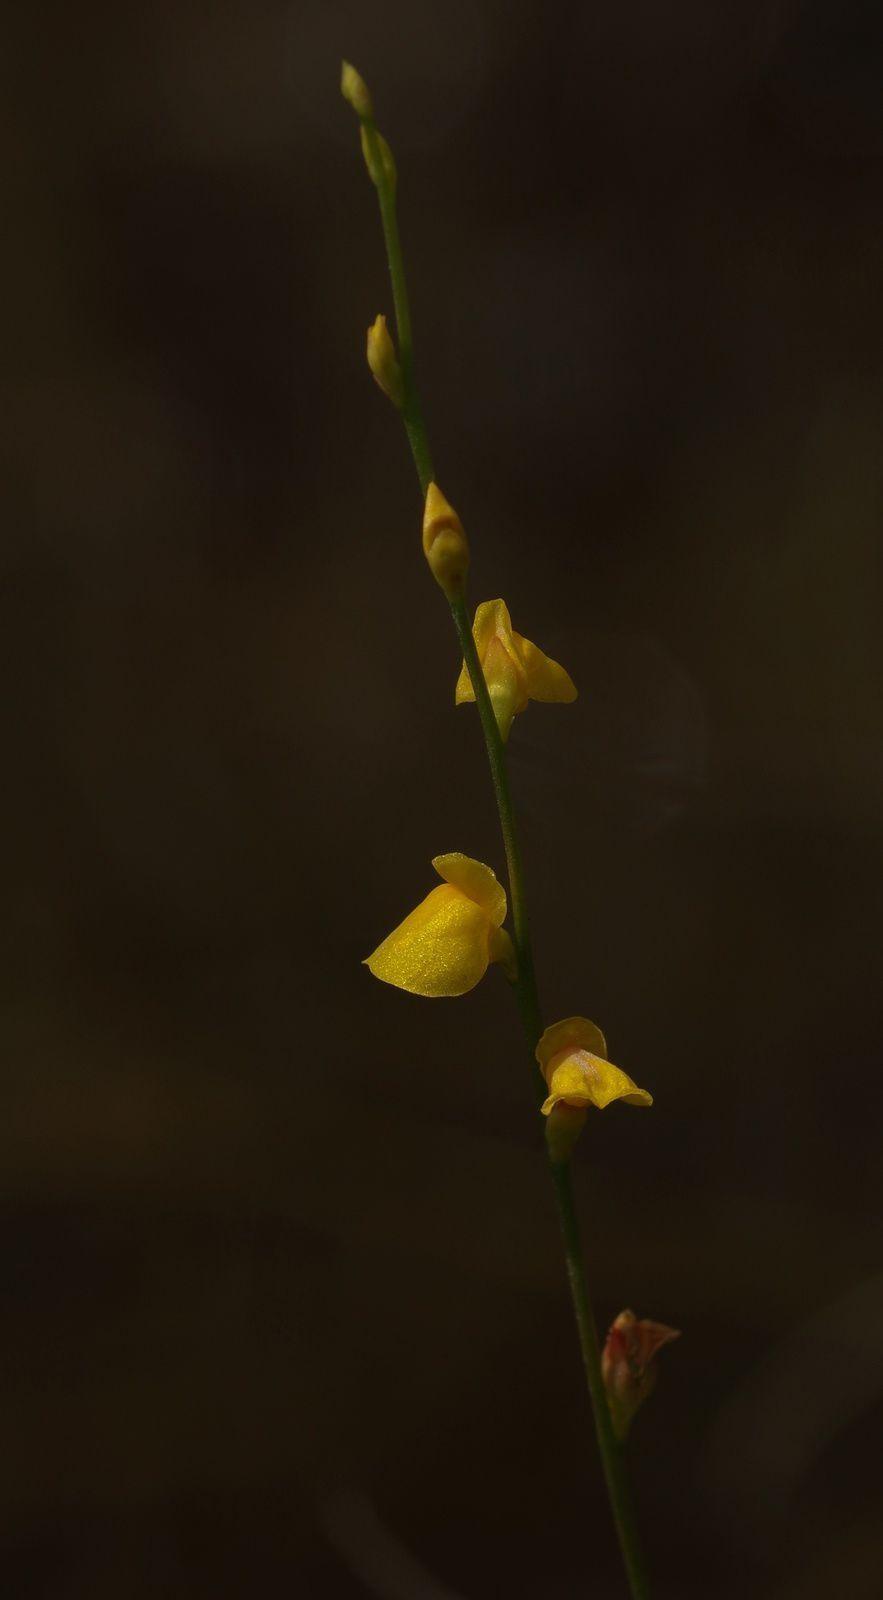 Utricularia guyanensis